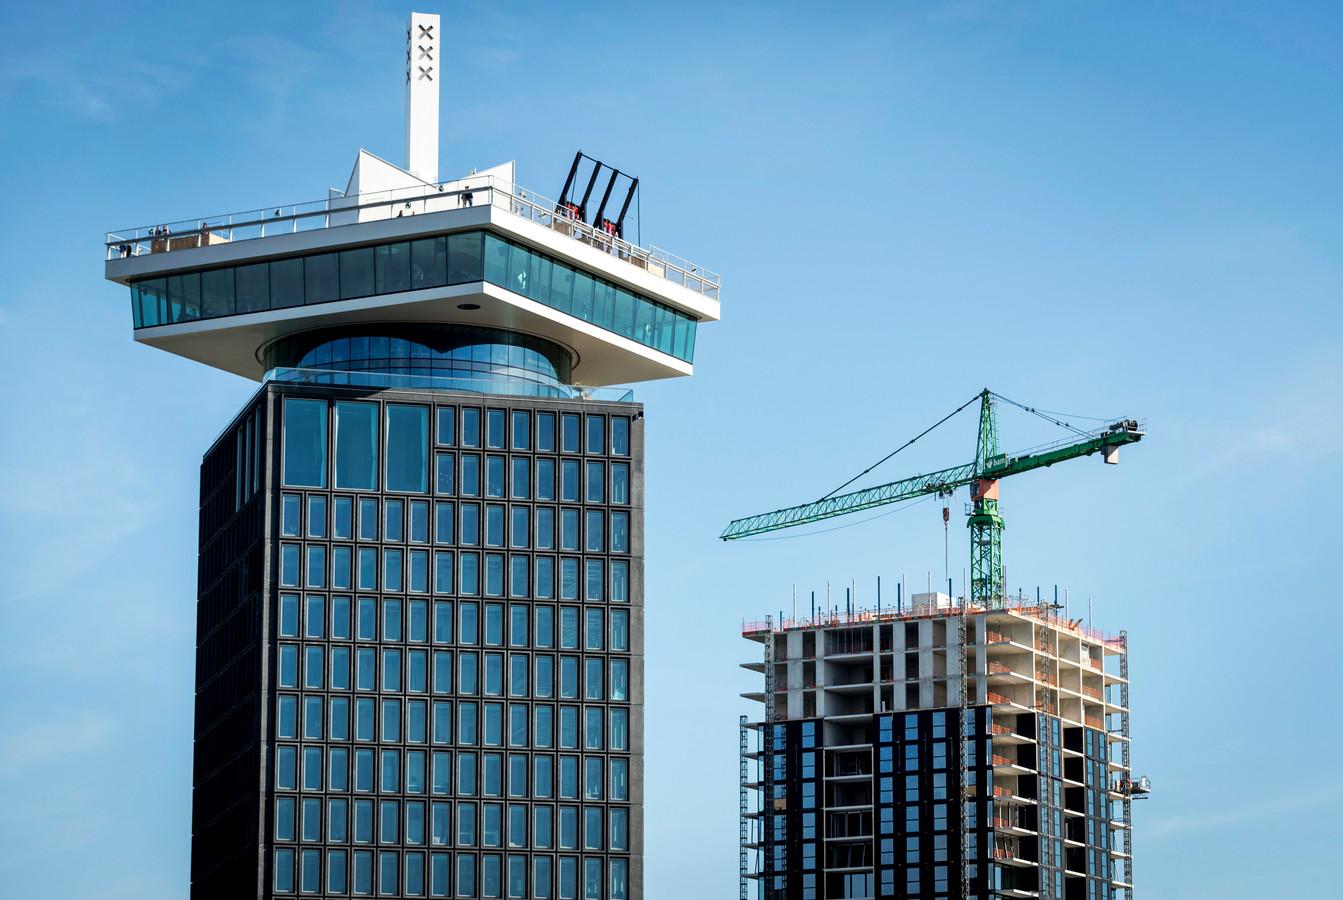 De A'DAM Toren op de noordelijke IJ-oever in Amsterdam.